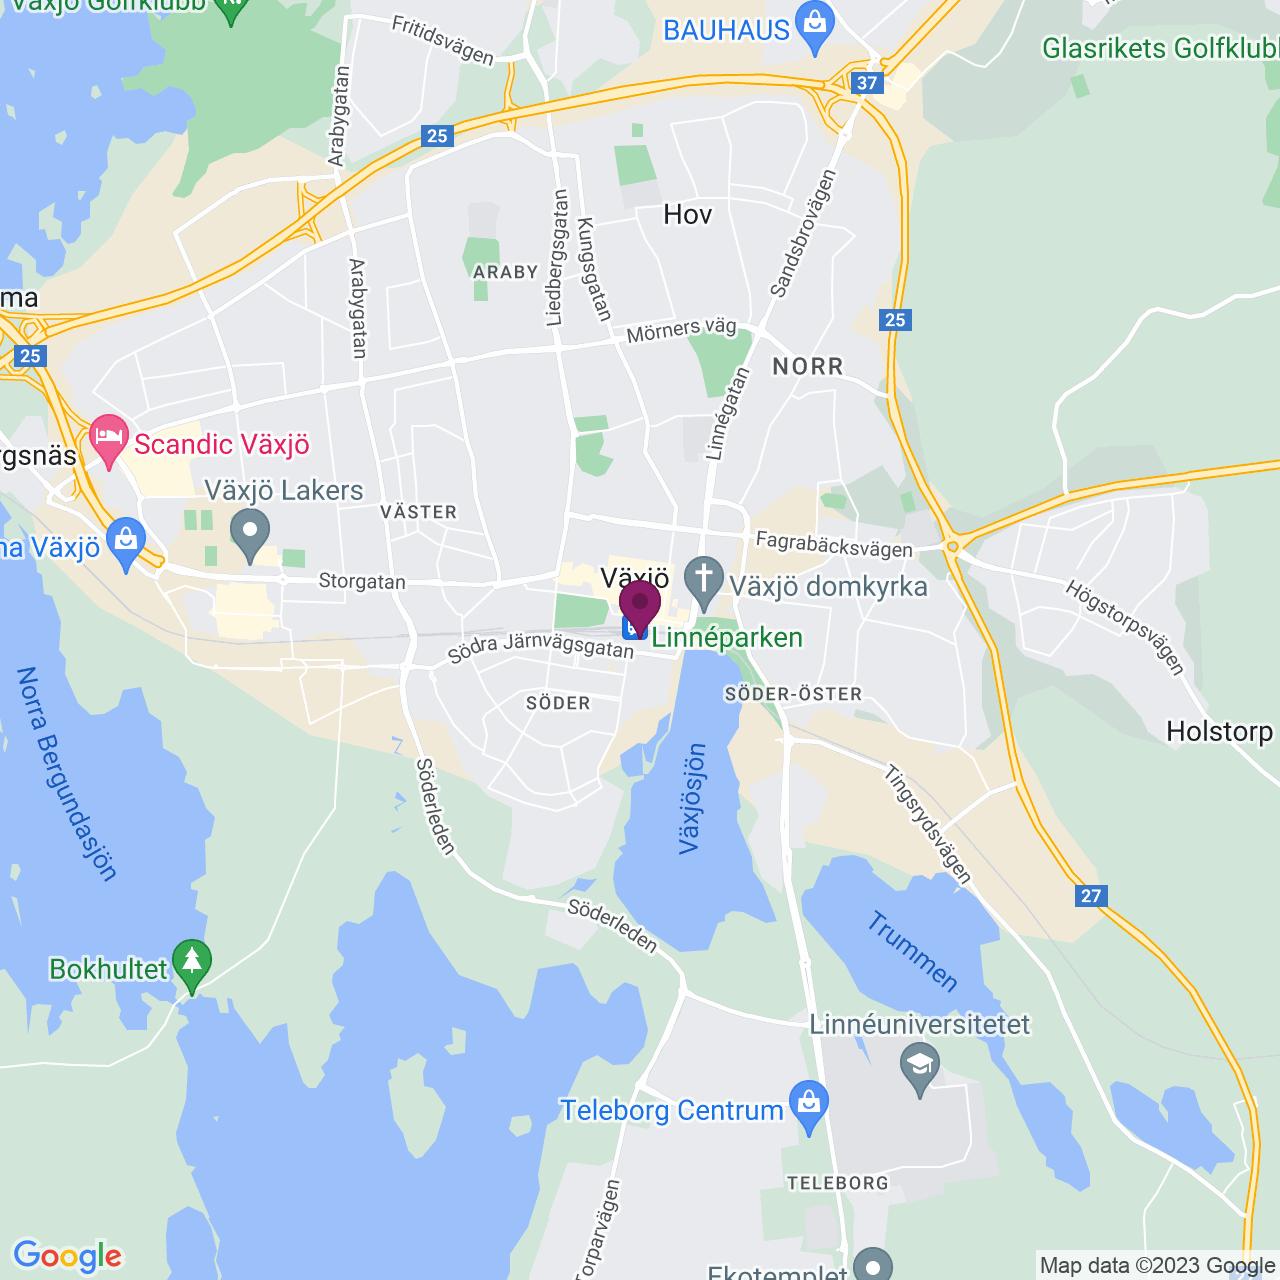 Karta över World Trade Center, S:a Järnvägsg.4A